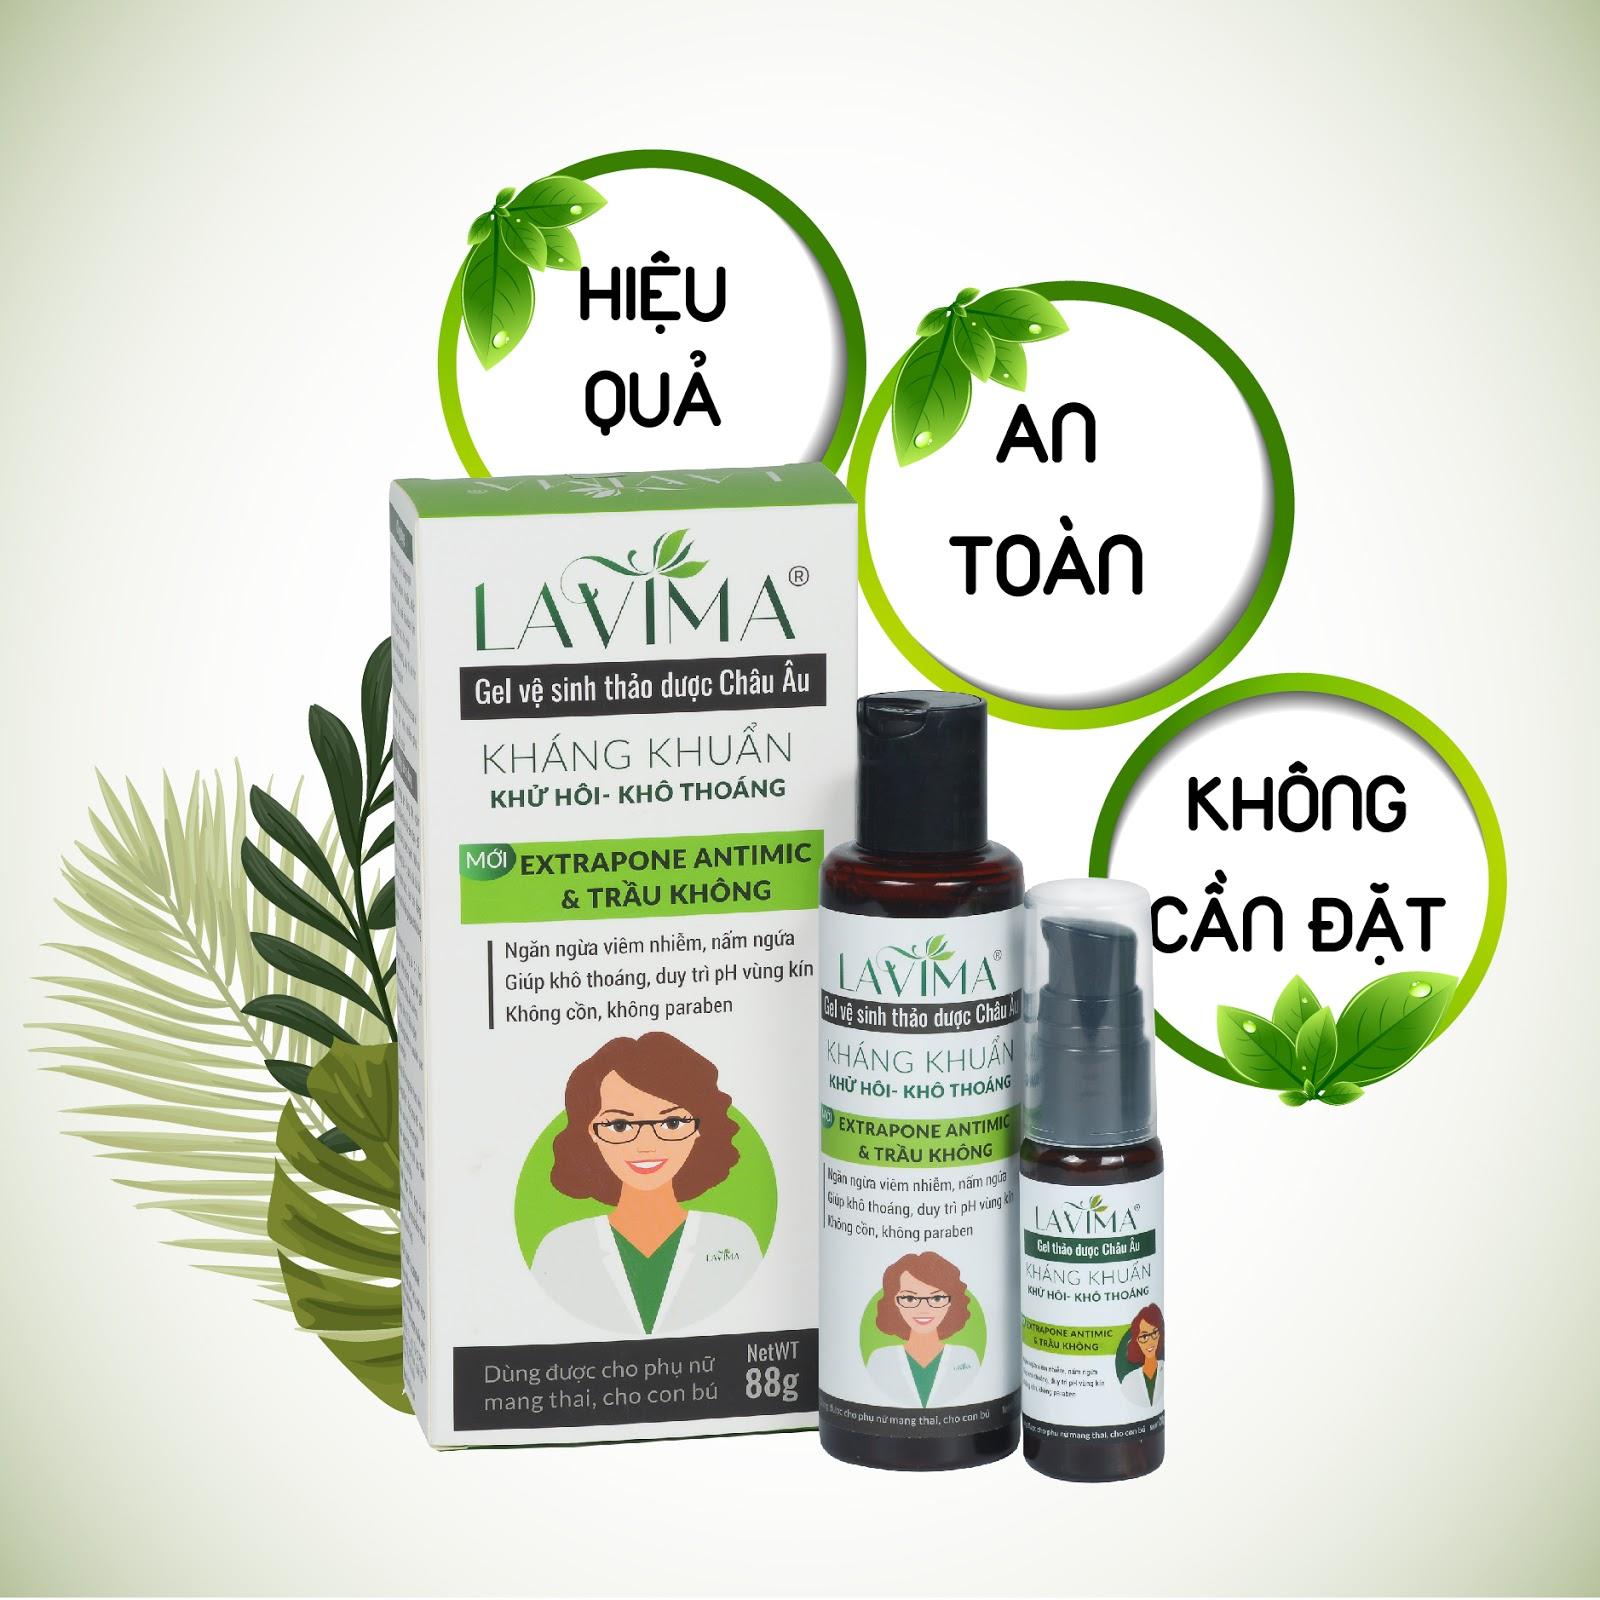 Lavima - Gel phụ khoa hiệu quả nhanh không lo kháng thuốc